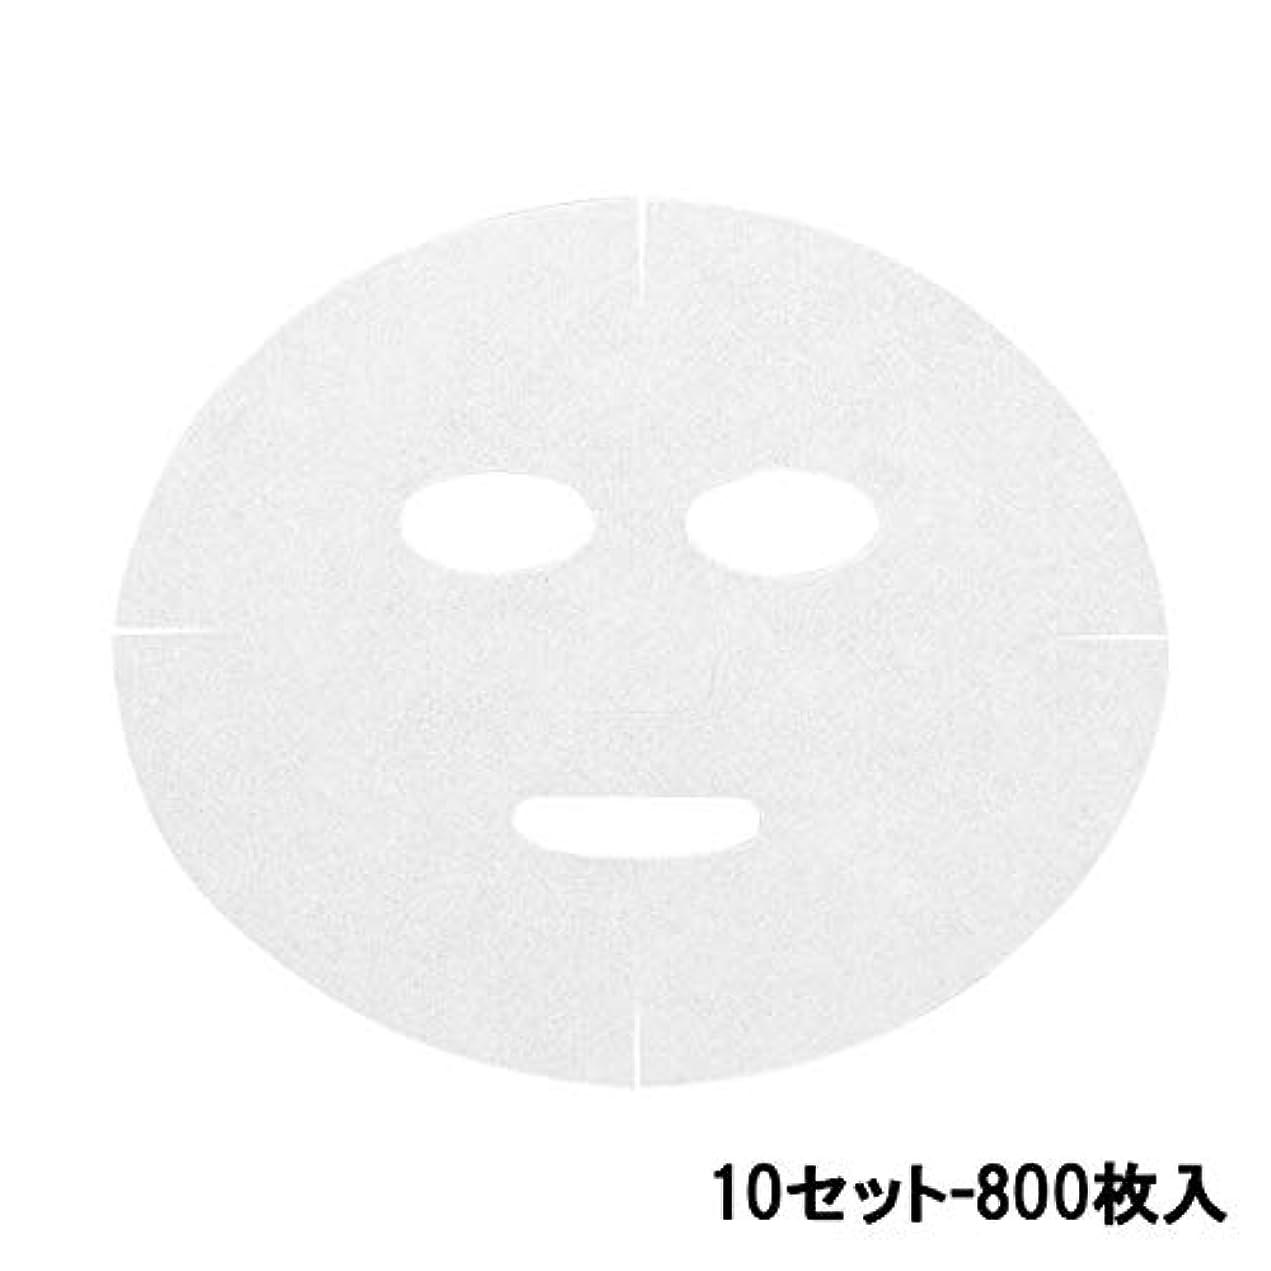 移動する合理的ために高保水 フェイシャルシート (マスクタイプ 化粧水無) 80枚 24×20cm (10セット-800枚入) [ フェイスマスク フェイスシート フェイスパック フェイシャルマスク シートマスク フェイシャルシート フェイシャルパック...